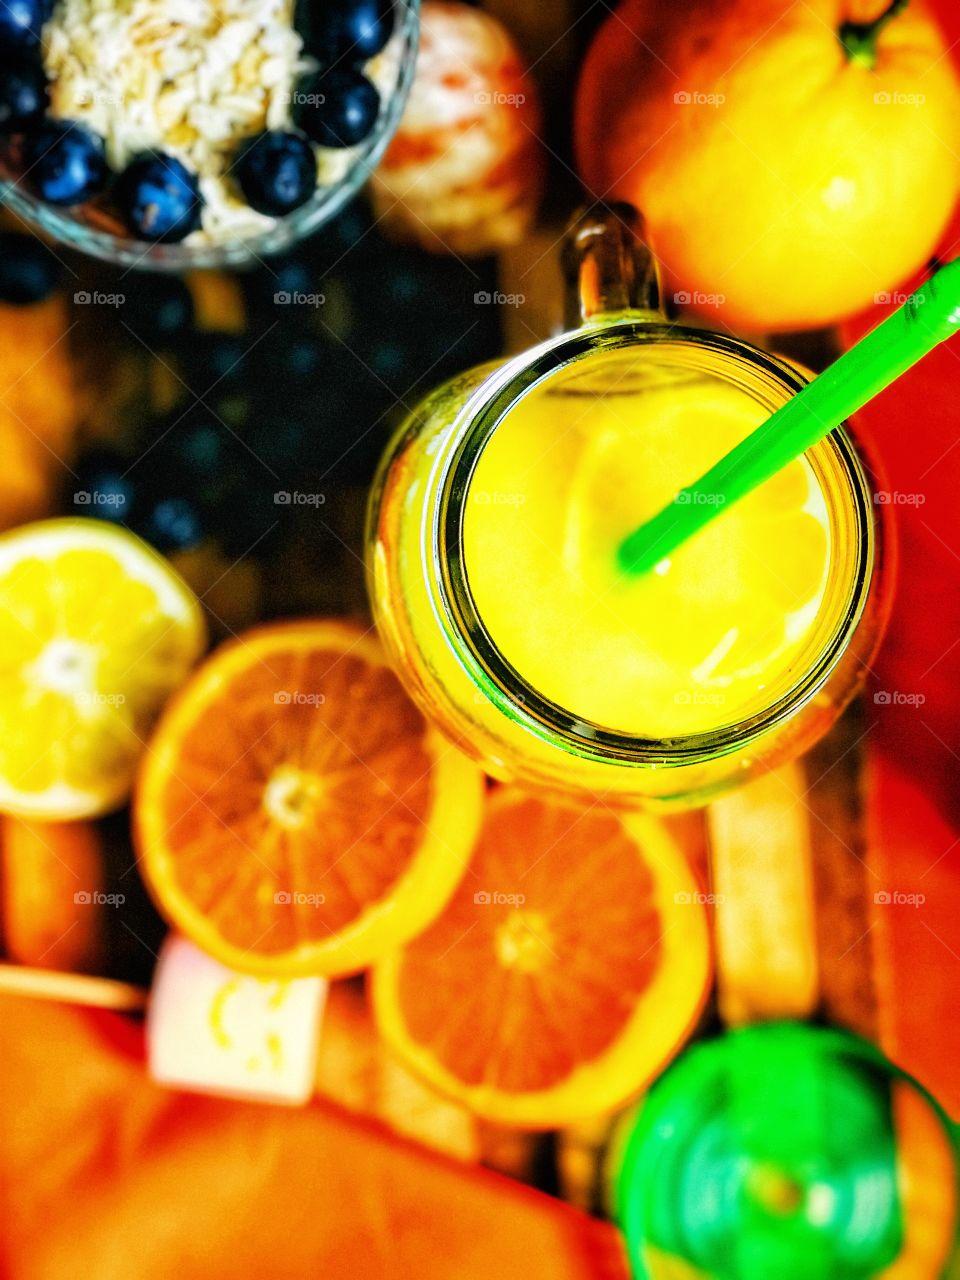 orange juice and snacks